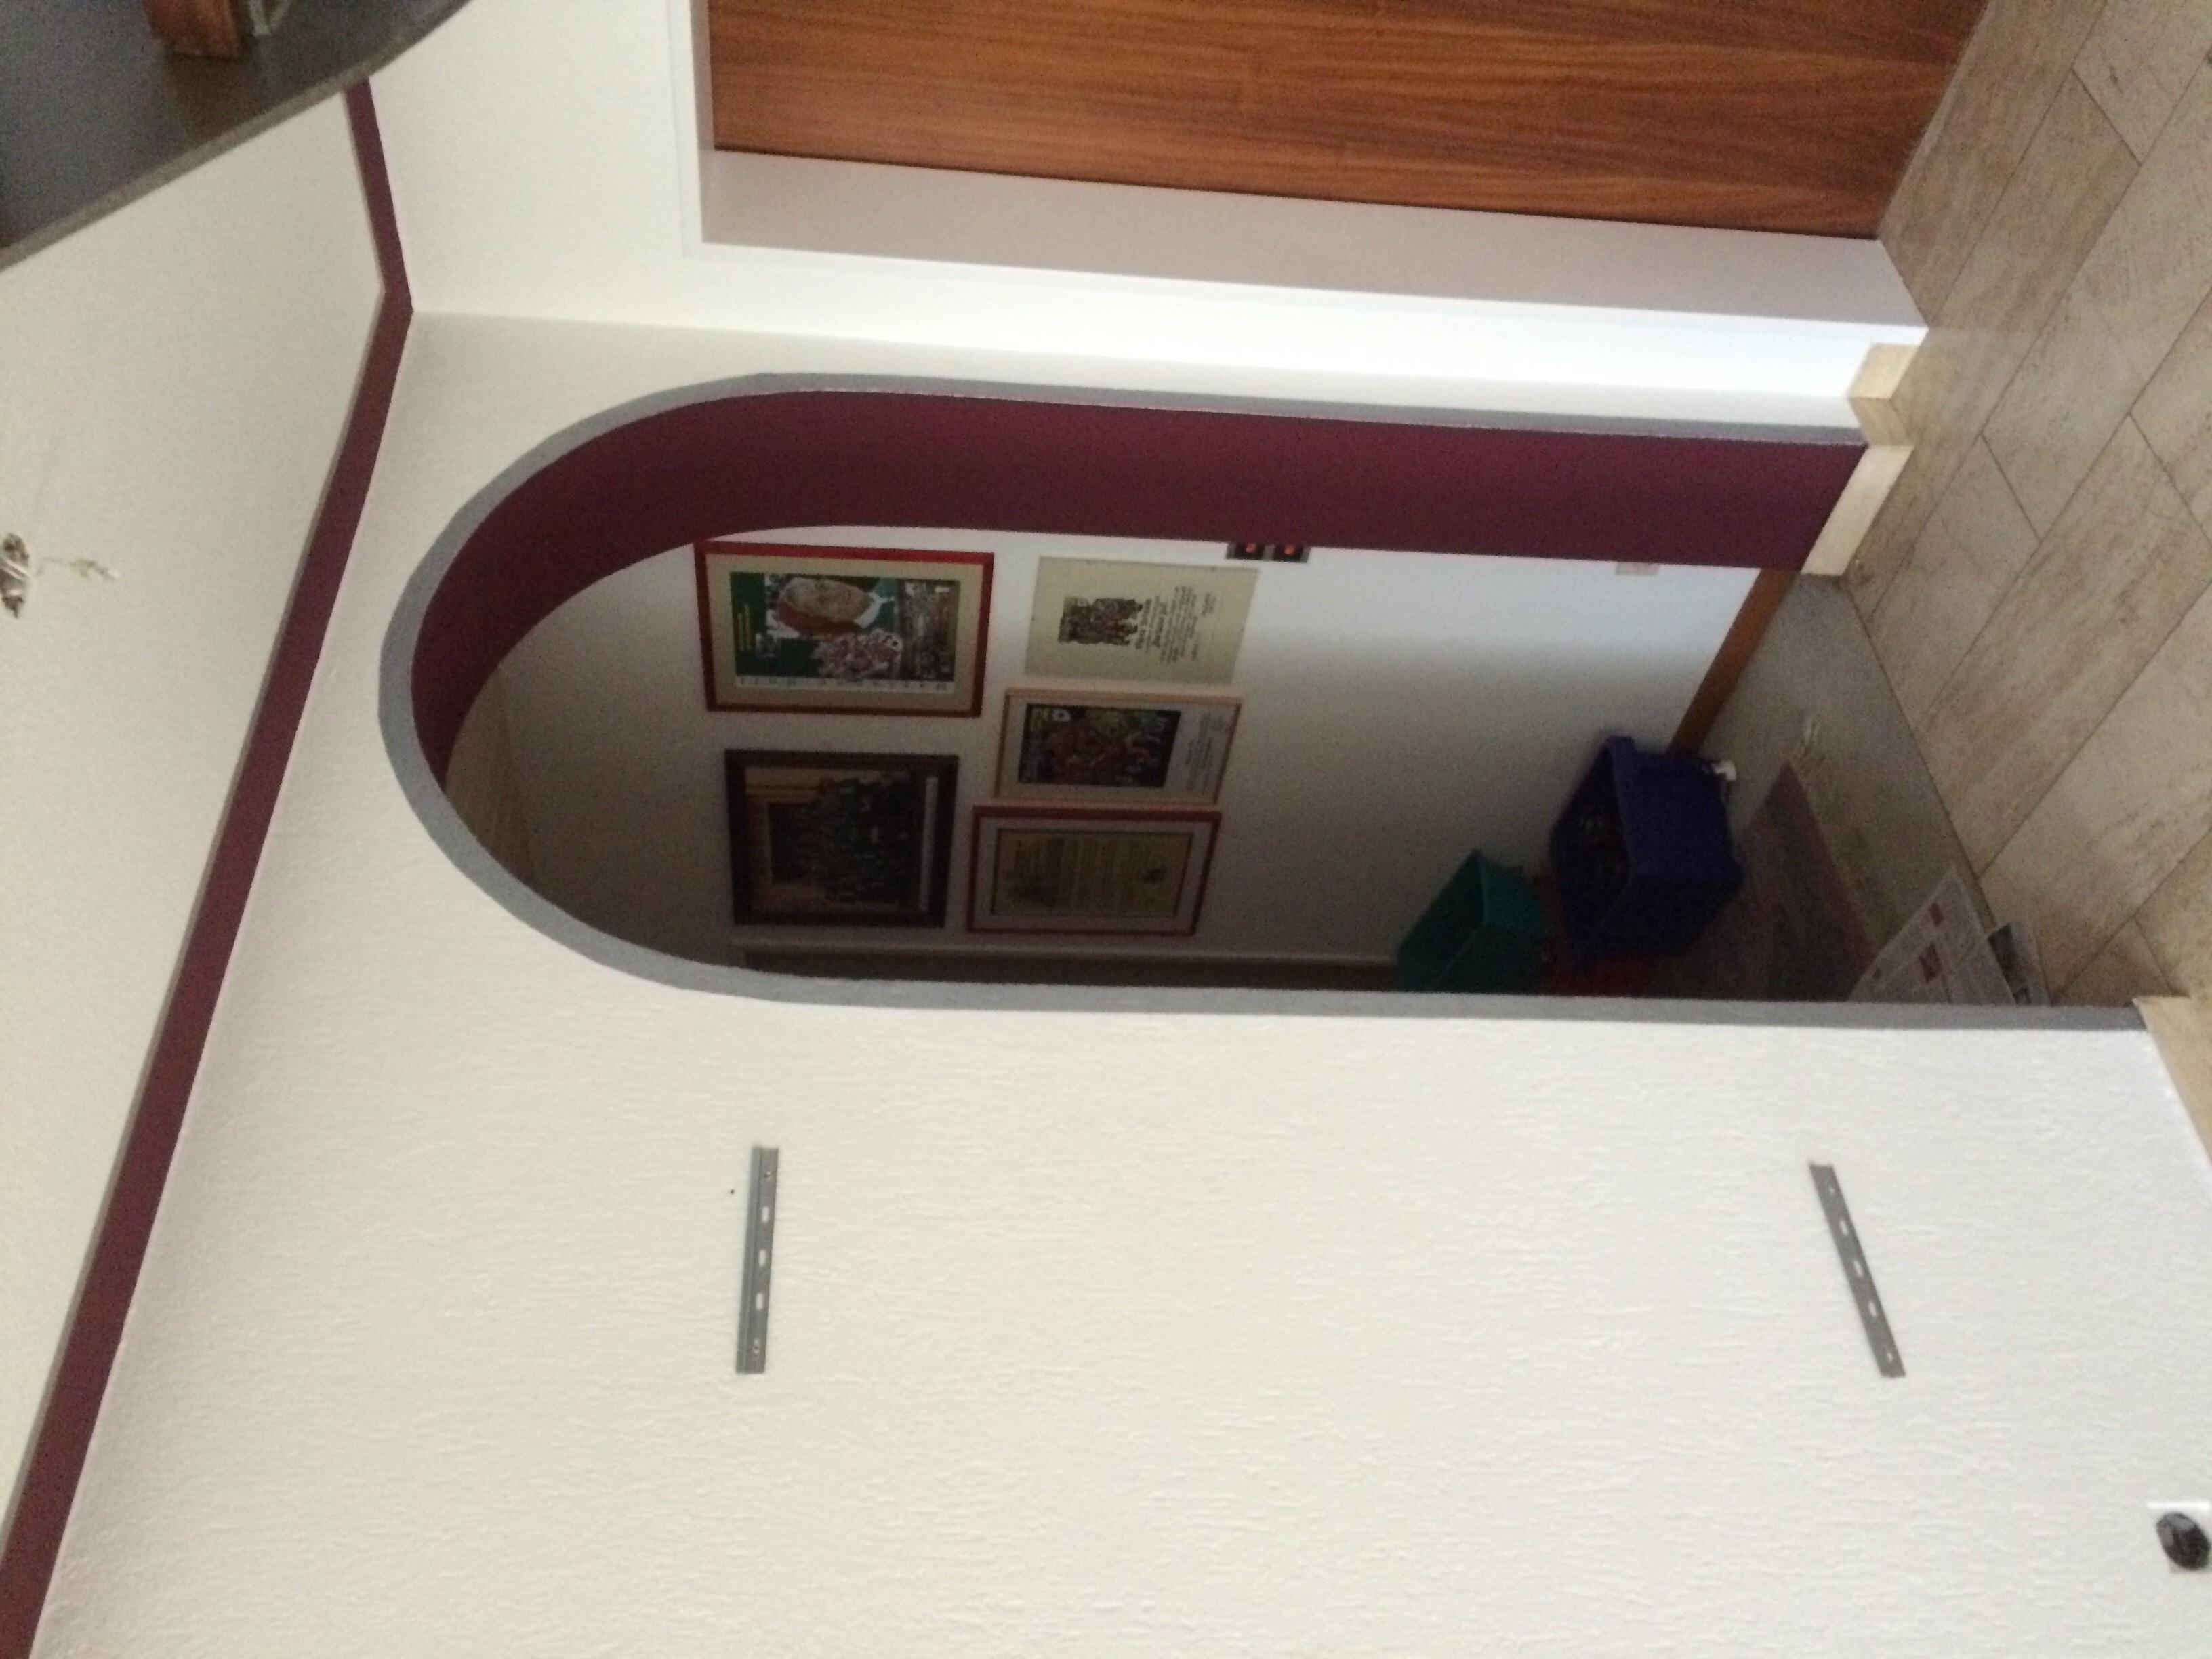 maler gitschier renovieren flur bei auszug eingangsbereich. Black Bedroom Furniture Sets. Home Design Ideas